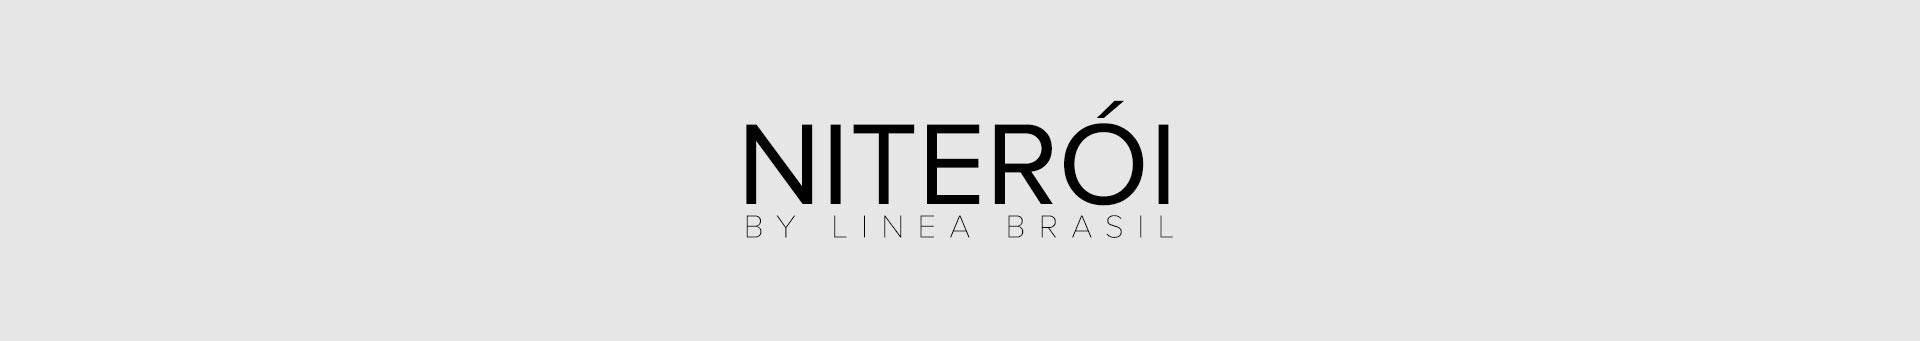 Painel para TV Niterói